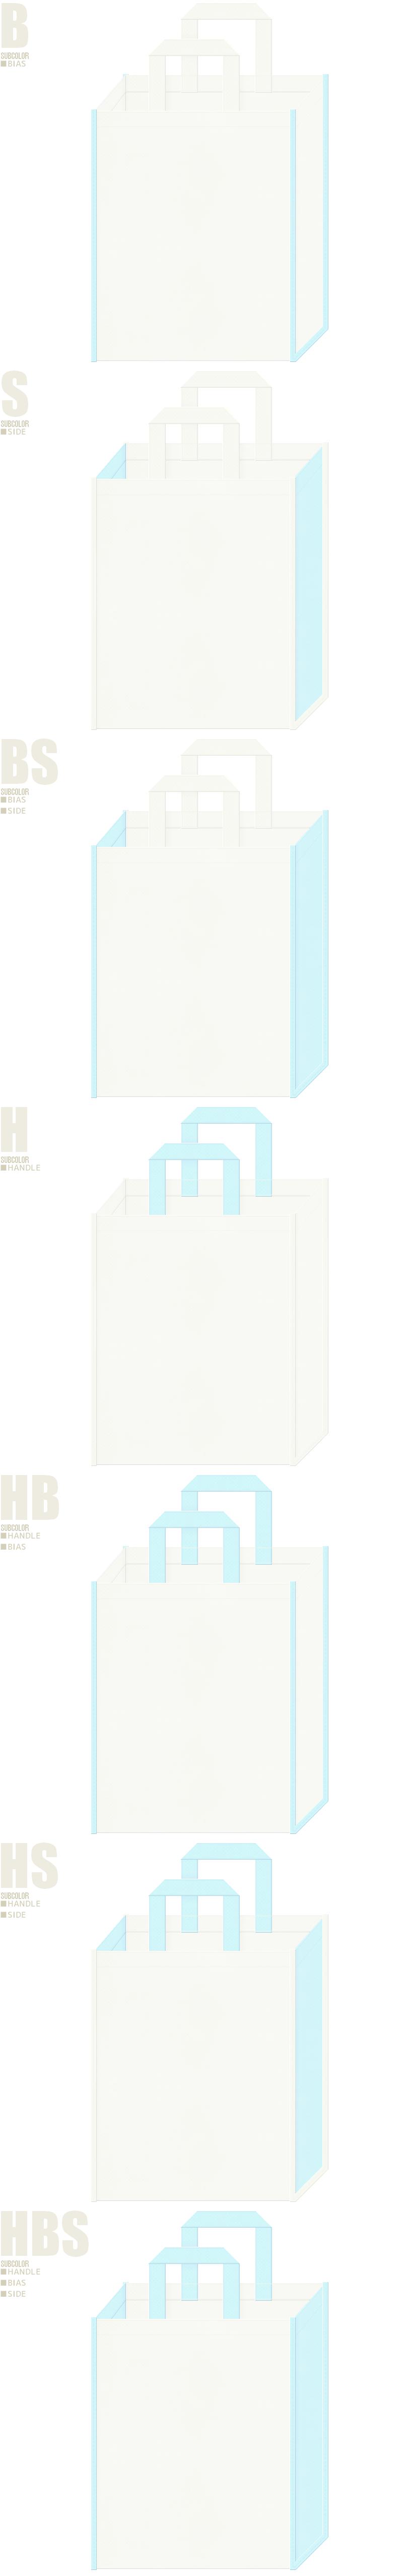 ミネラルウォーター・透明飲料・CO2削減・水道設備・環境セミナー・潤い・化粧水・コスメ・バス用品・介護用品・パール・ウェディング・チャペル・フェアリー・フェミニン・スワン・バレエ・ガーリーデザイン・パステルカラーの展示会用バッグにお奨めの不織布バッグデザイン:オフホワイト色と水色の不織布バッグ配色7パターン